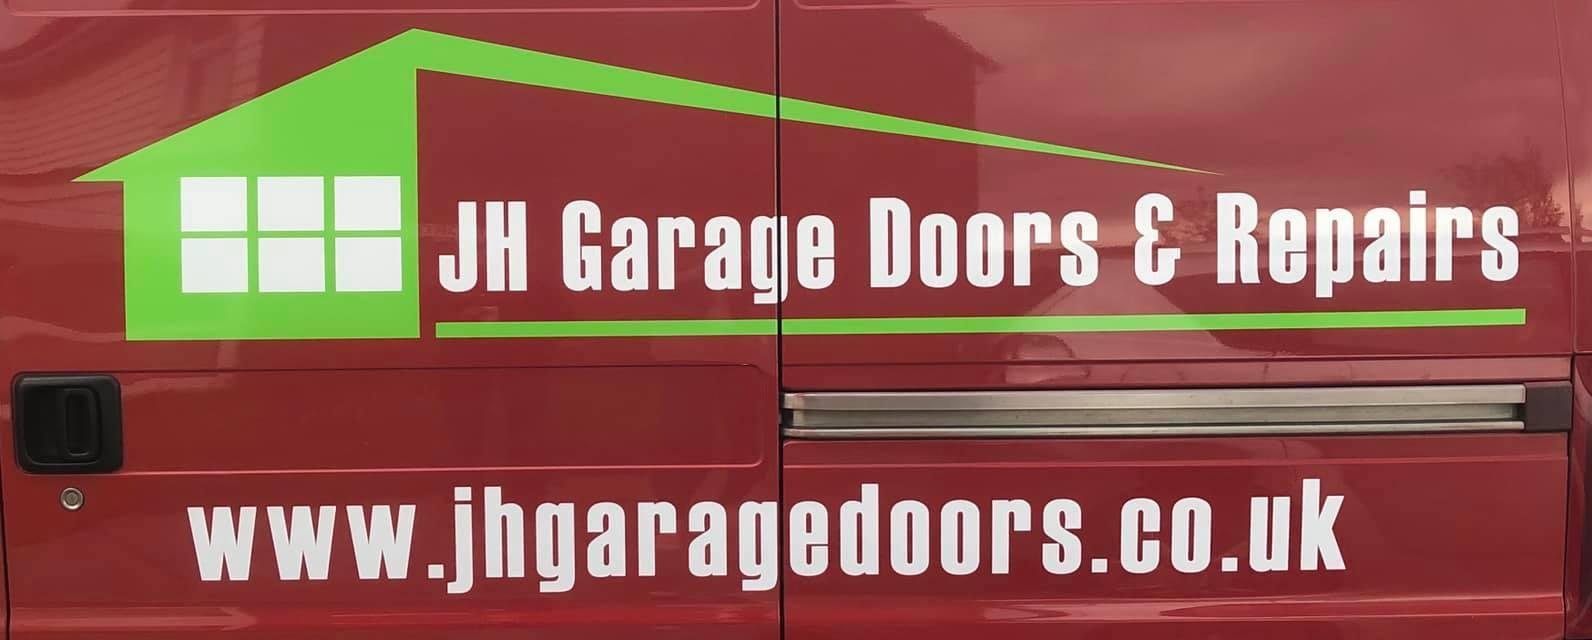 garage doors installation example 53